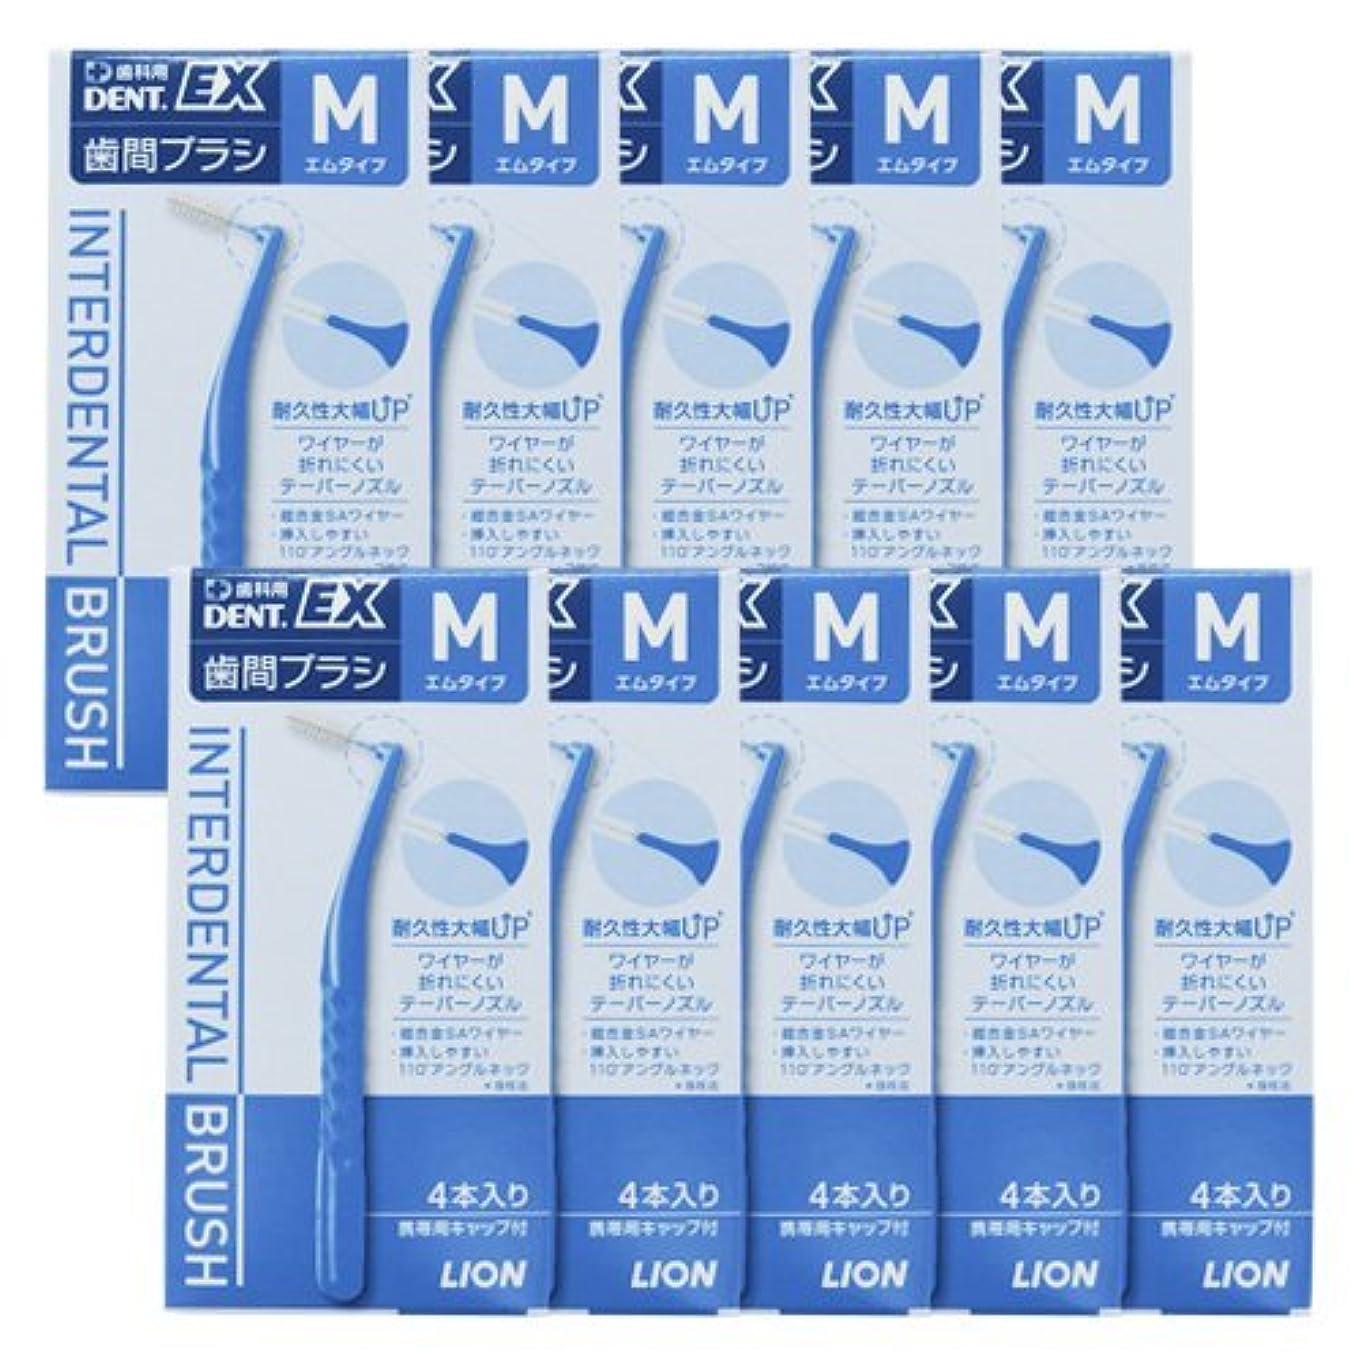 引き出すクラウドマントライオン(LION) デント EX 歯間ブラシ M (LION DENT. EX 歯間ブラシ) 10箱 40本セット